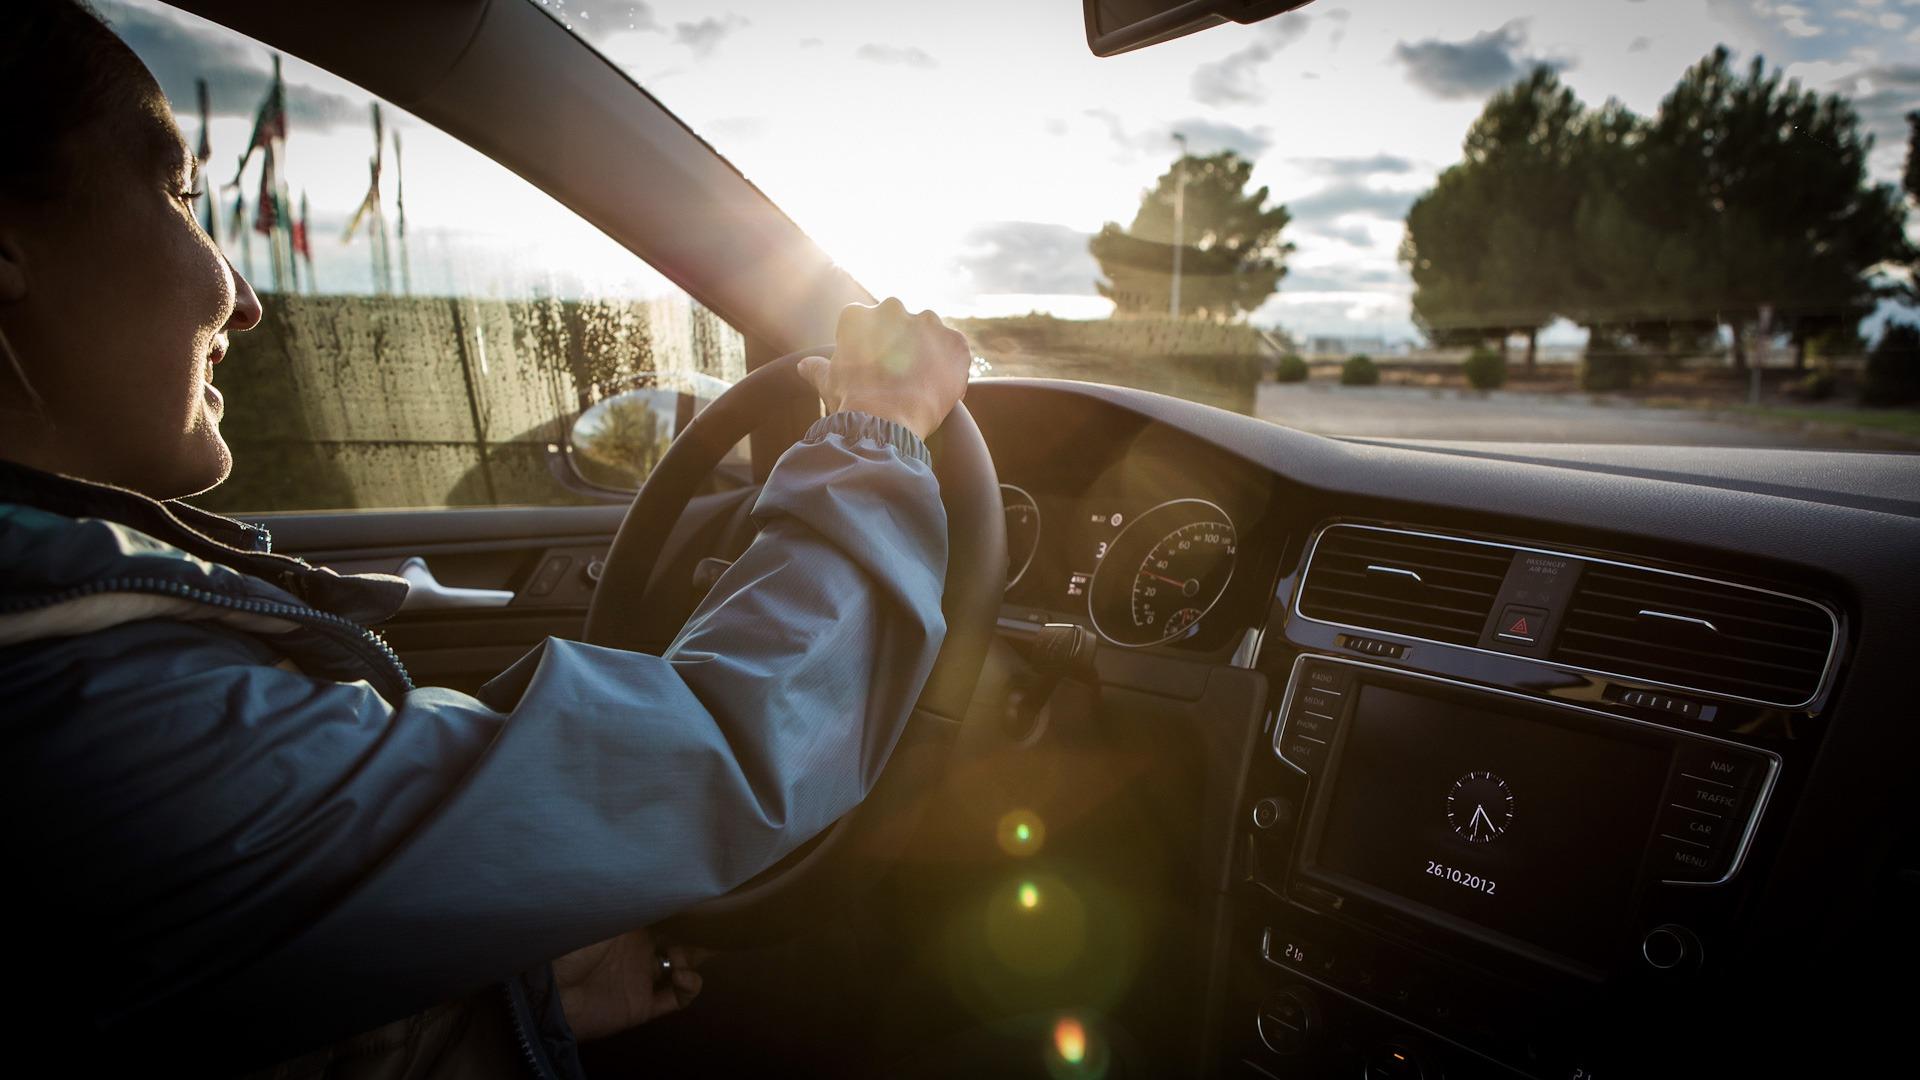 Fahraufnahme Stimmungsbild gegenlicht interior auto